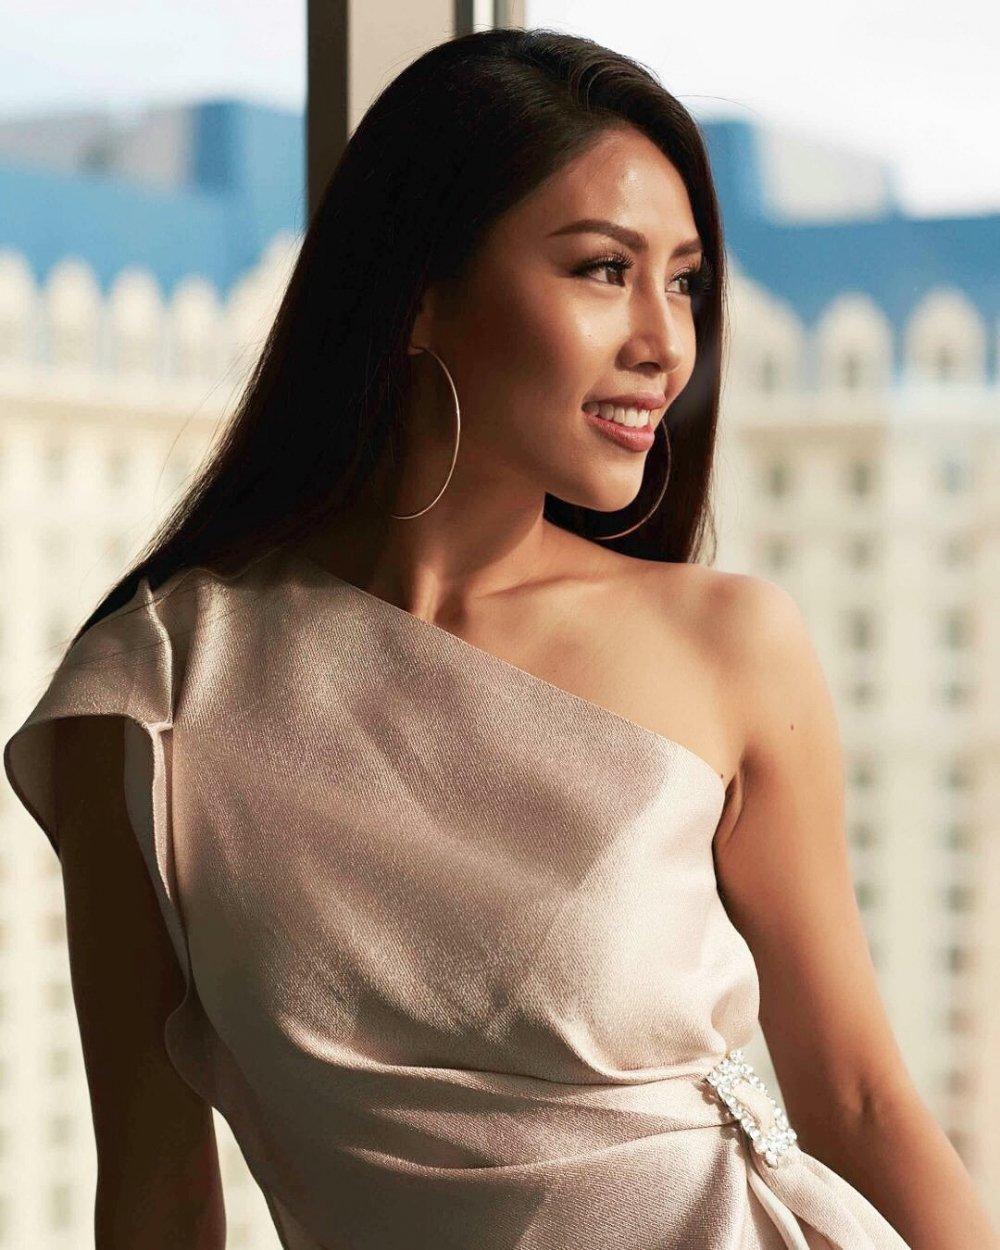 Nguyen Thi Loan trinh dien trang phuc dan toc noi bat tai Hoa hau Hoan vu 2017 hinh anh 3